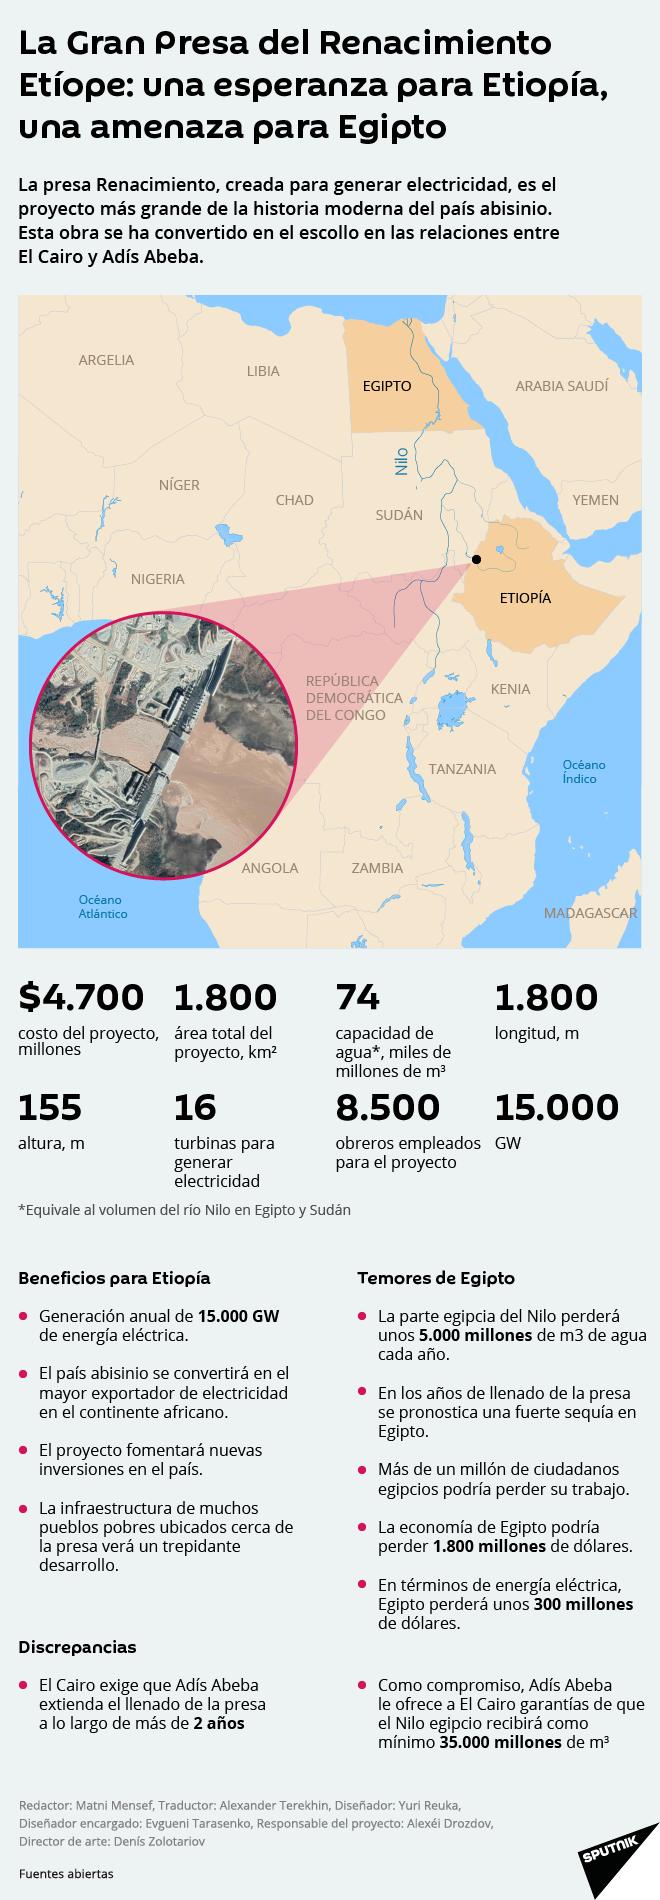 La represa del Renacimiento Etíope: la obra del siglo que genera tensiones en África - Sputnik Mundo